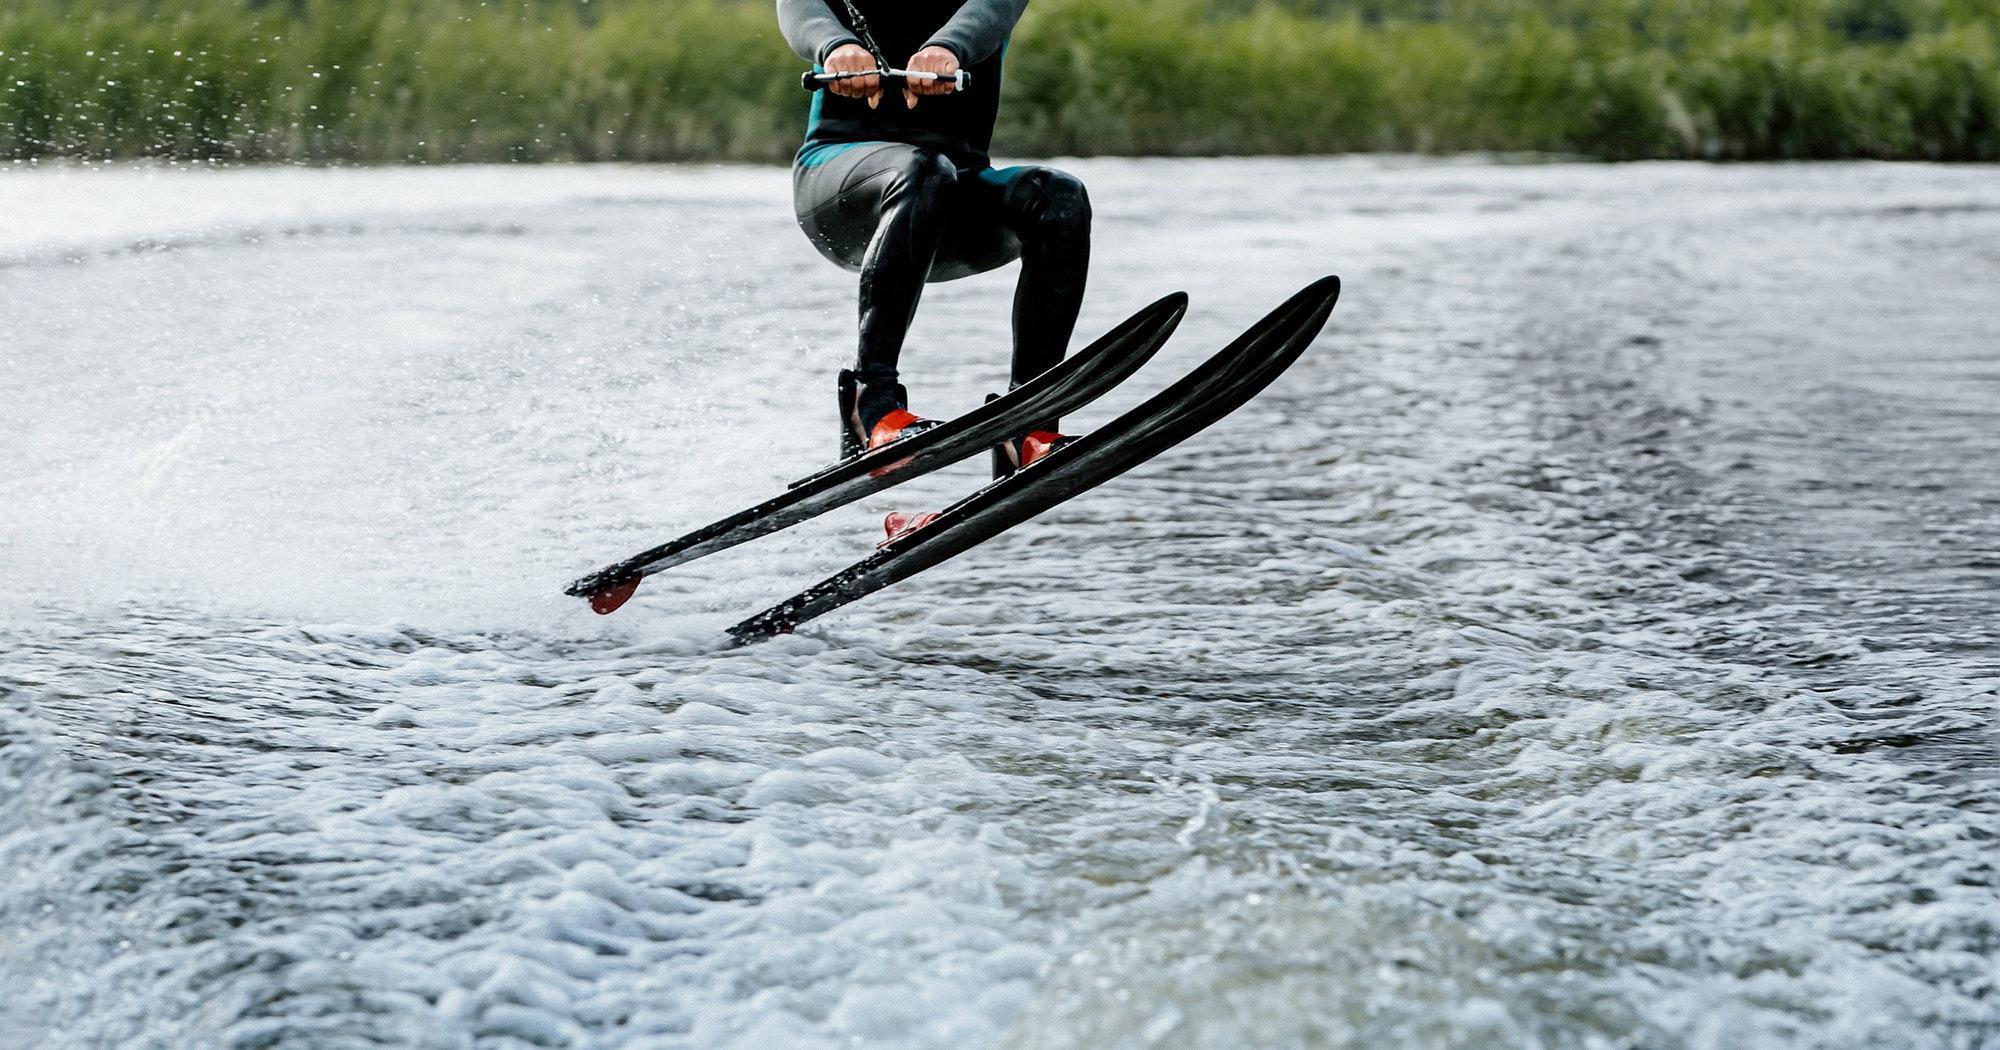 man waterskiing on lake behind boat